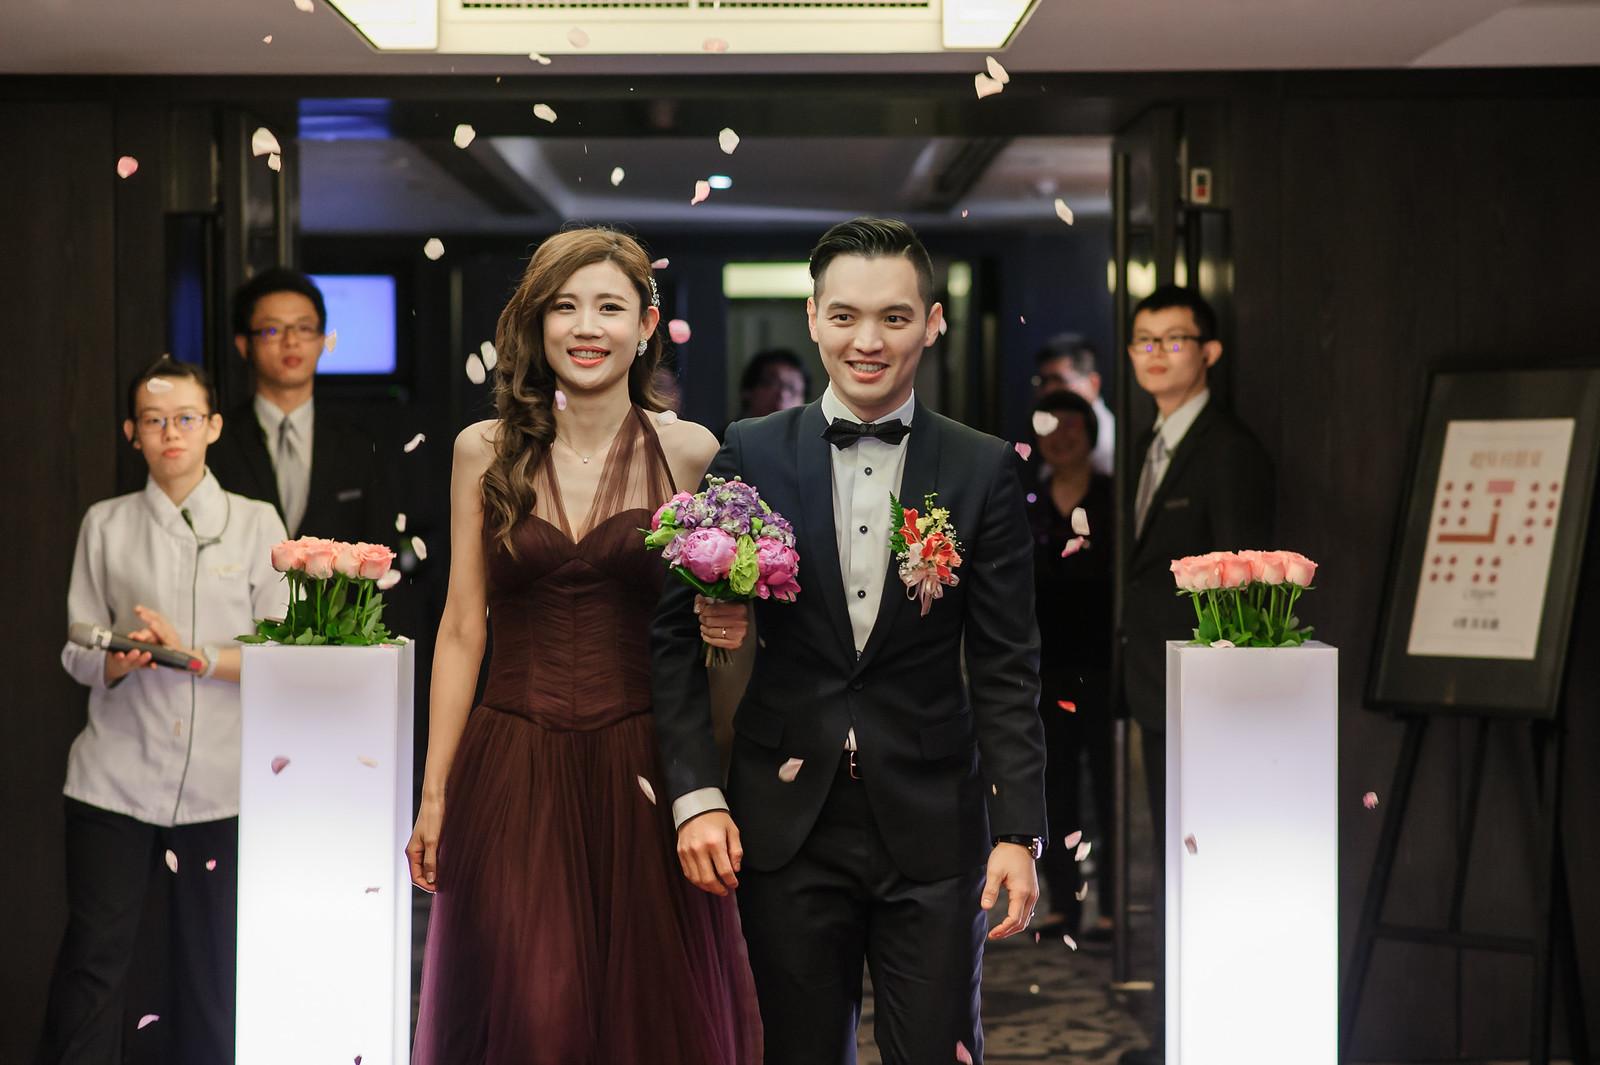 台北婚攝, 婚禮攝影, 婚攝, 婚攝守恆, 婚攝推薦, 晶華酒店, 晶華酒店婚宴, 晶華酒店婚攝-84